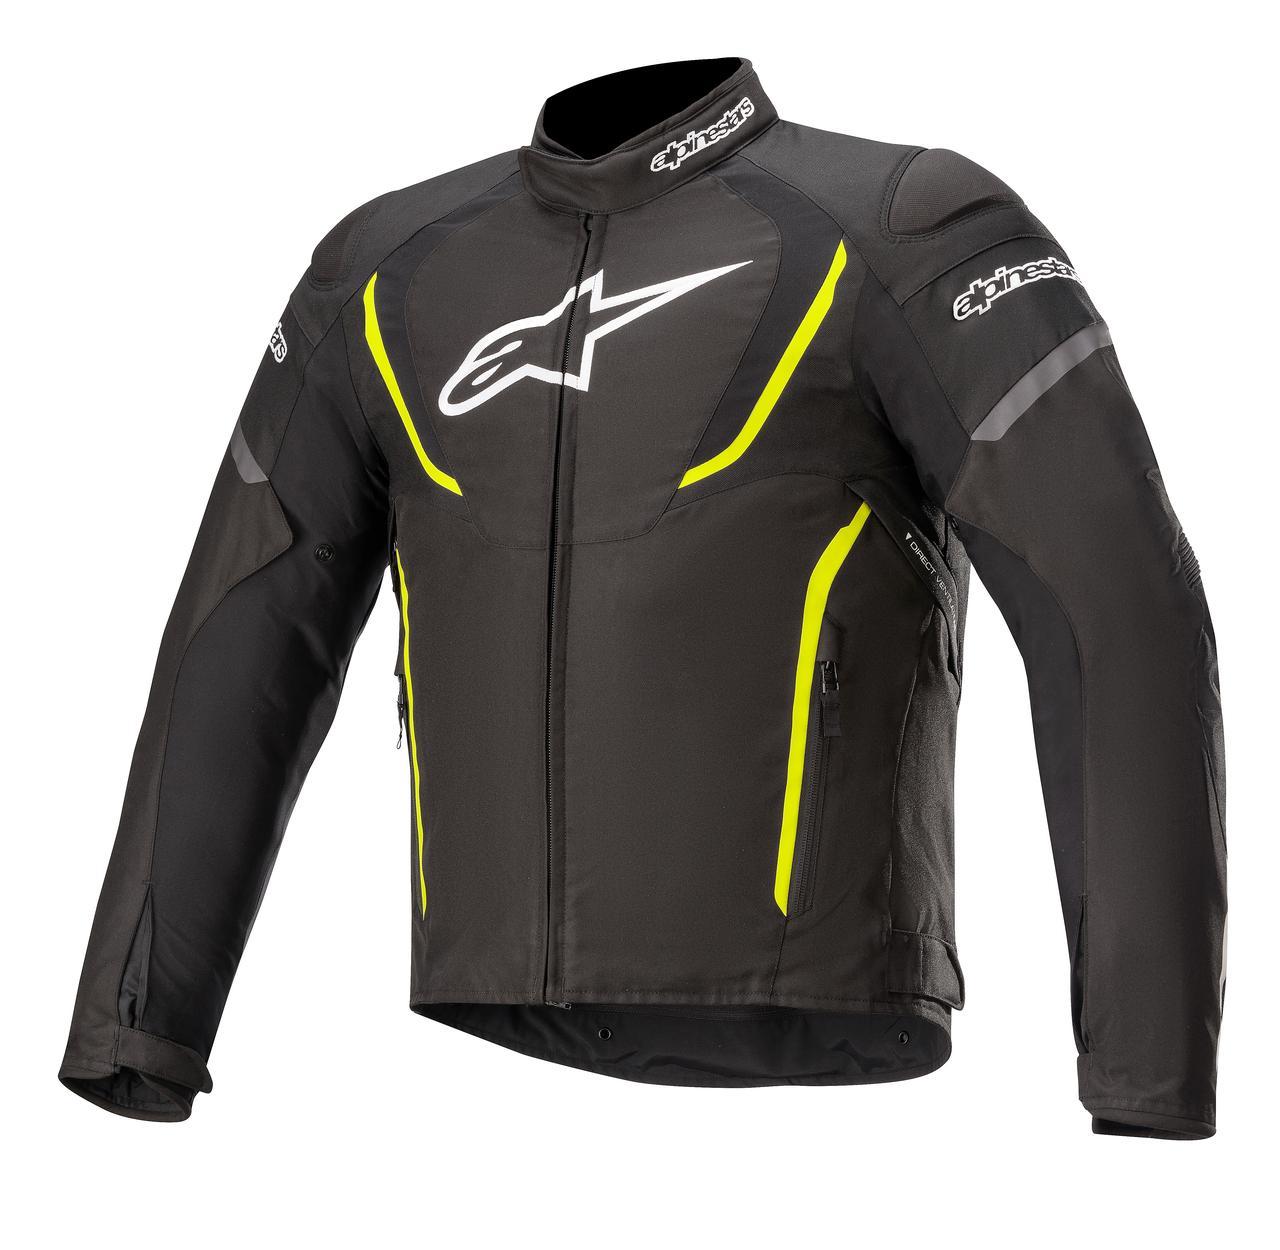 画像4: ベーシックなデザインで着やすい! アルパインスターズから防水仕様の3シーズンジャケットが新たに登場